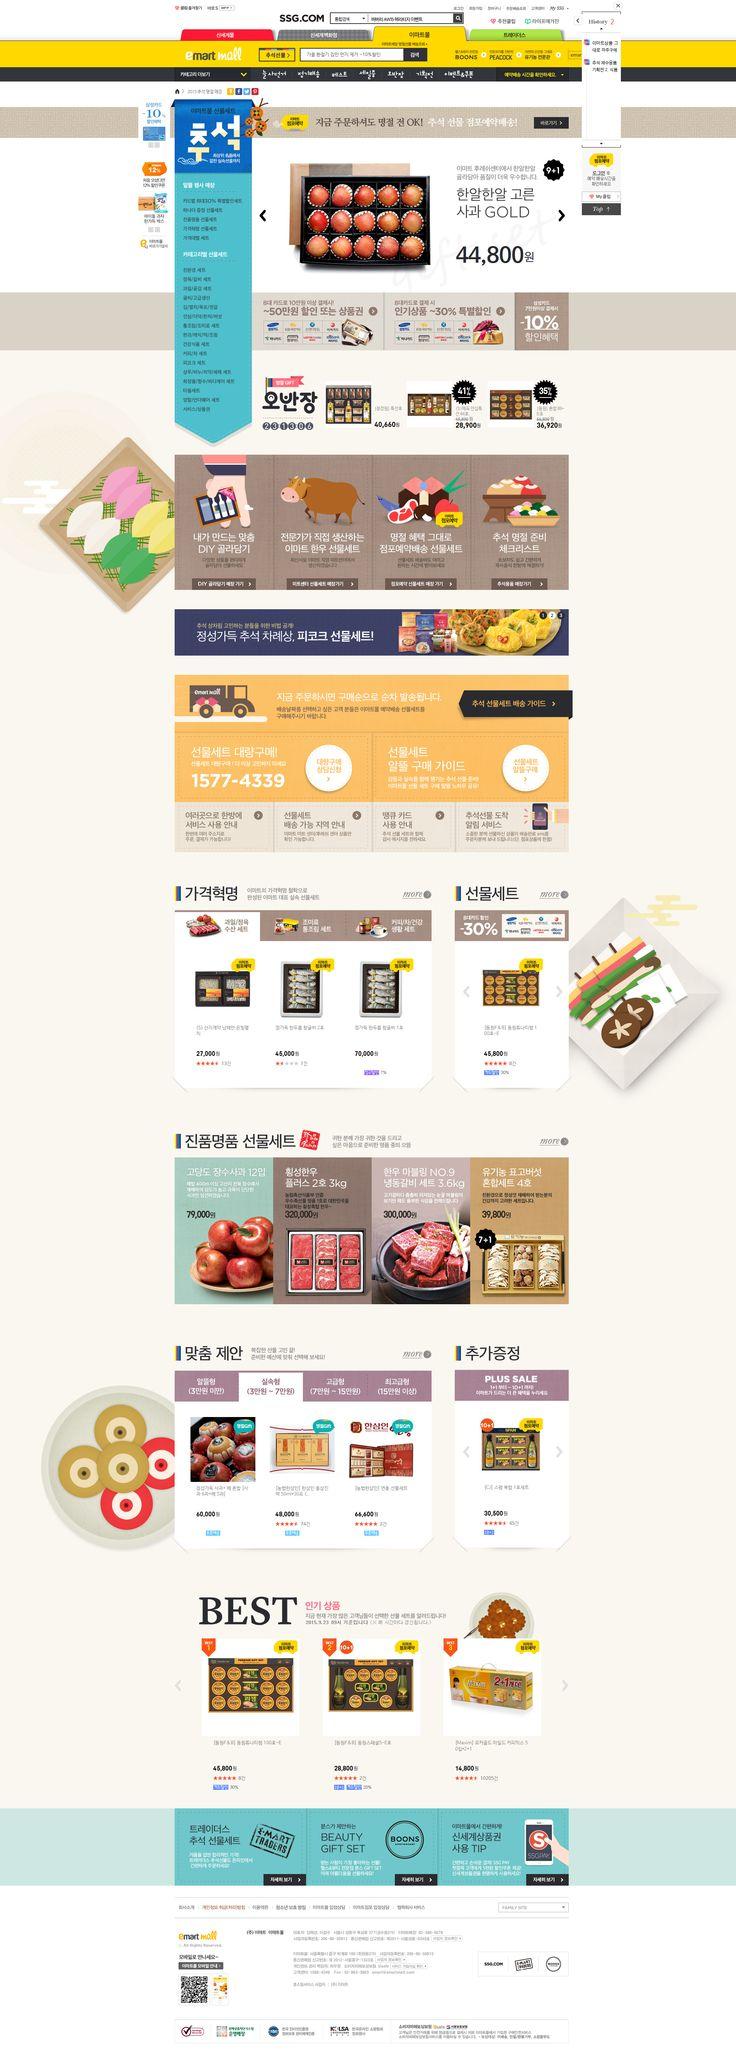 ssg.com 의 추석 기획전. 상품과 그래픽이 적절하게 조화된 점. 그리고 메뉴 색상을 이례적으로 보색을 사용하여 포인트를 주면서 튀게 한 점도 새로운 시도이다.